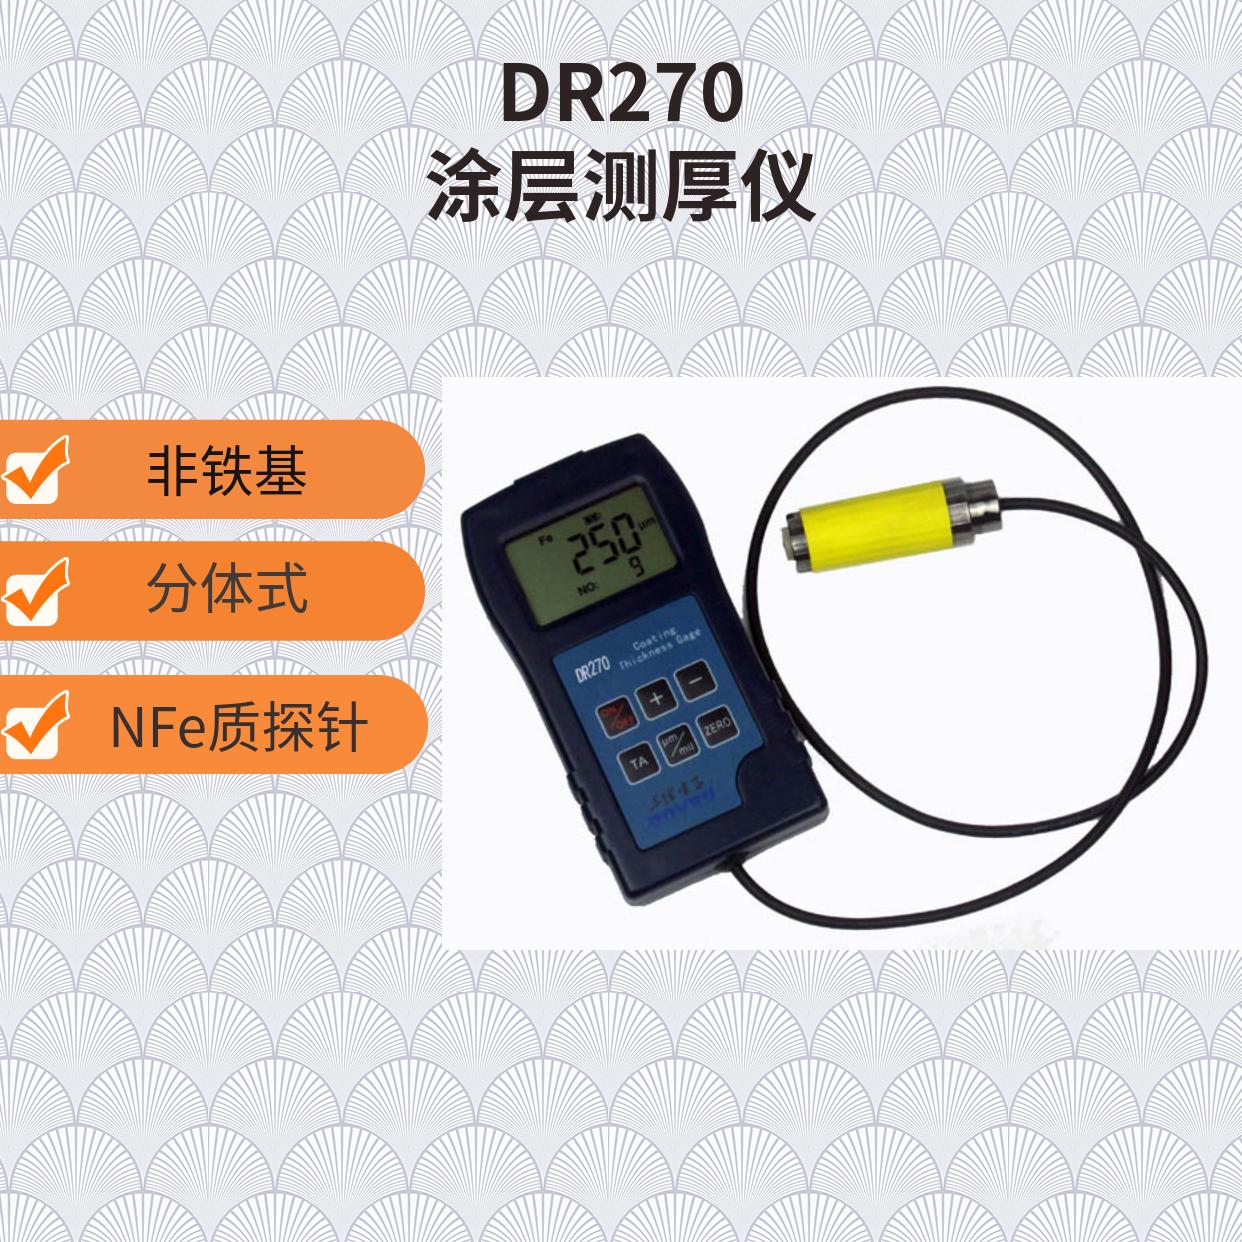 连接电脑传输数据 膜厚仪 DR270